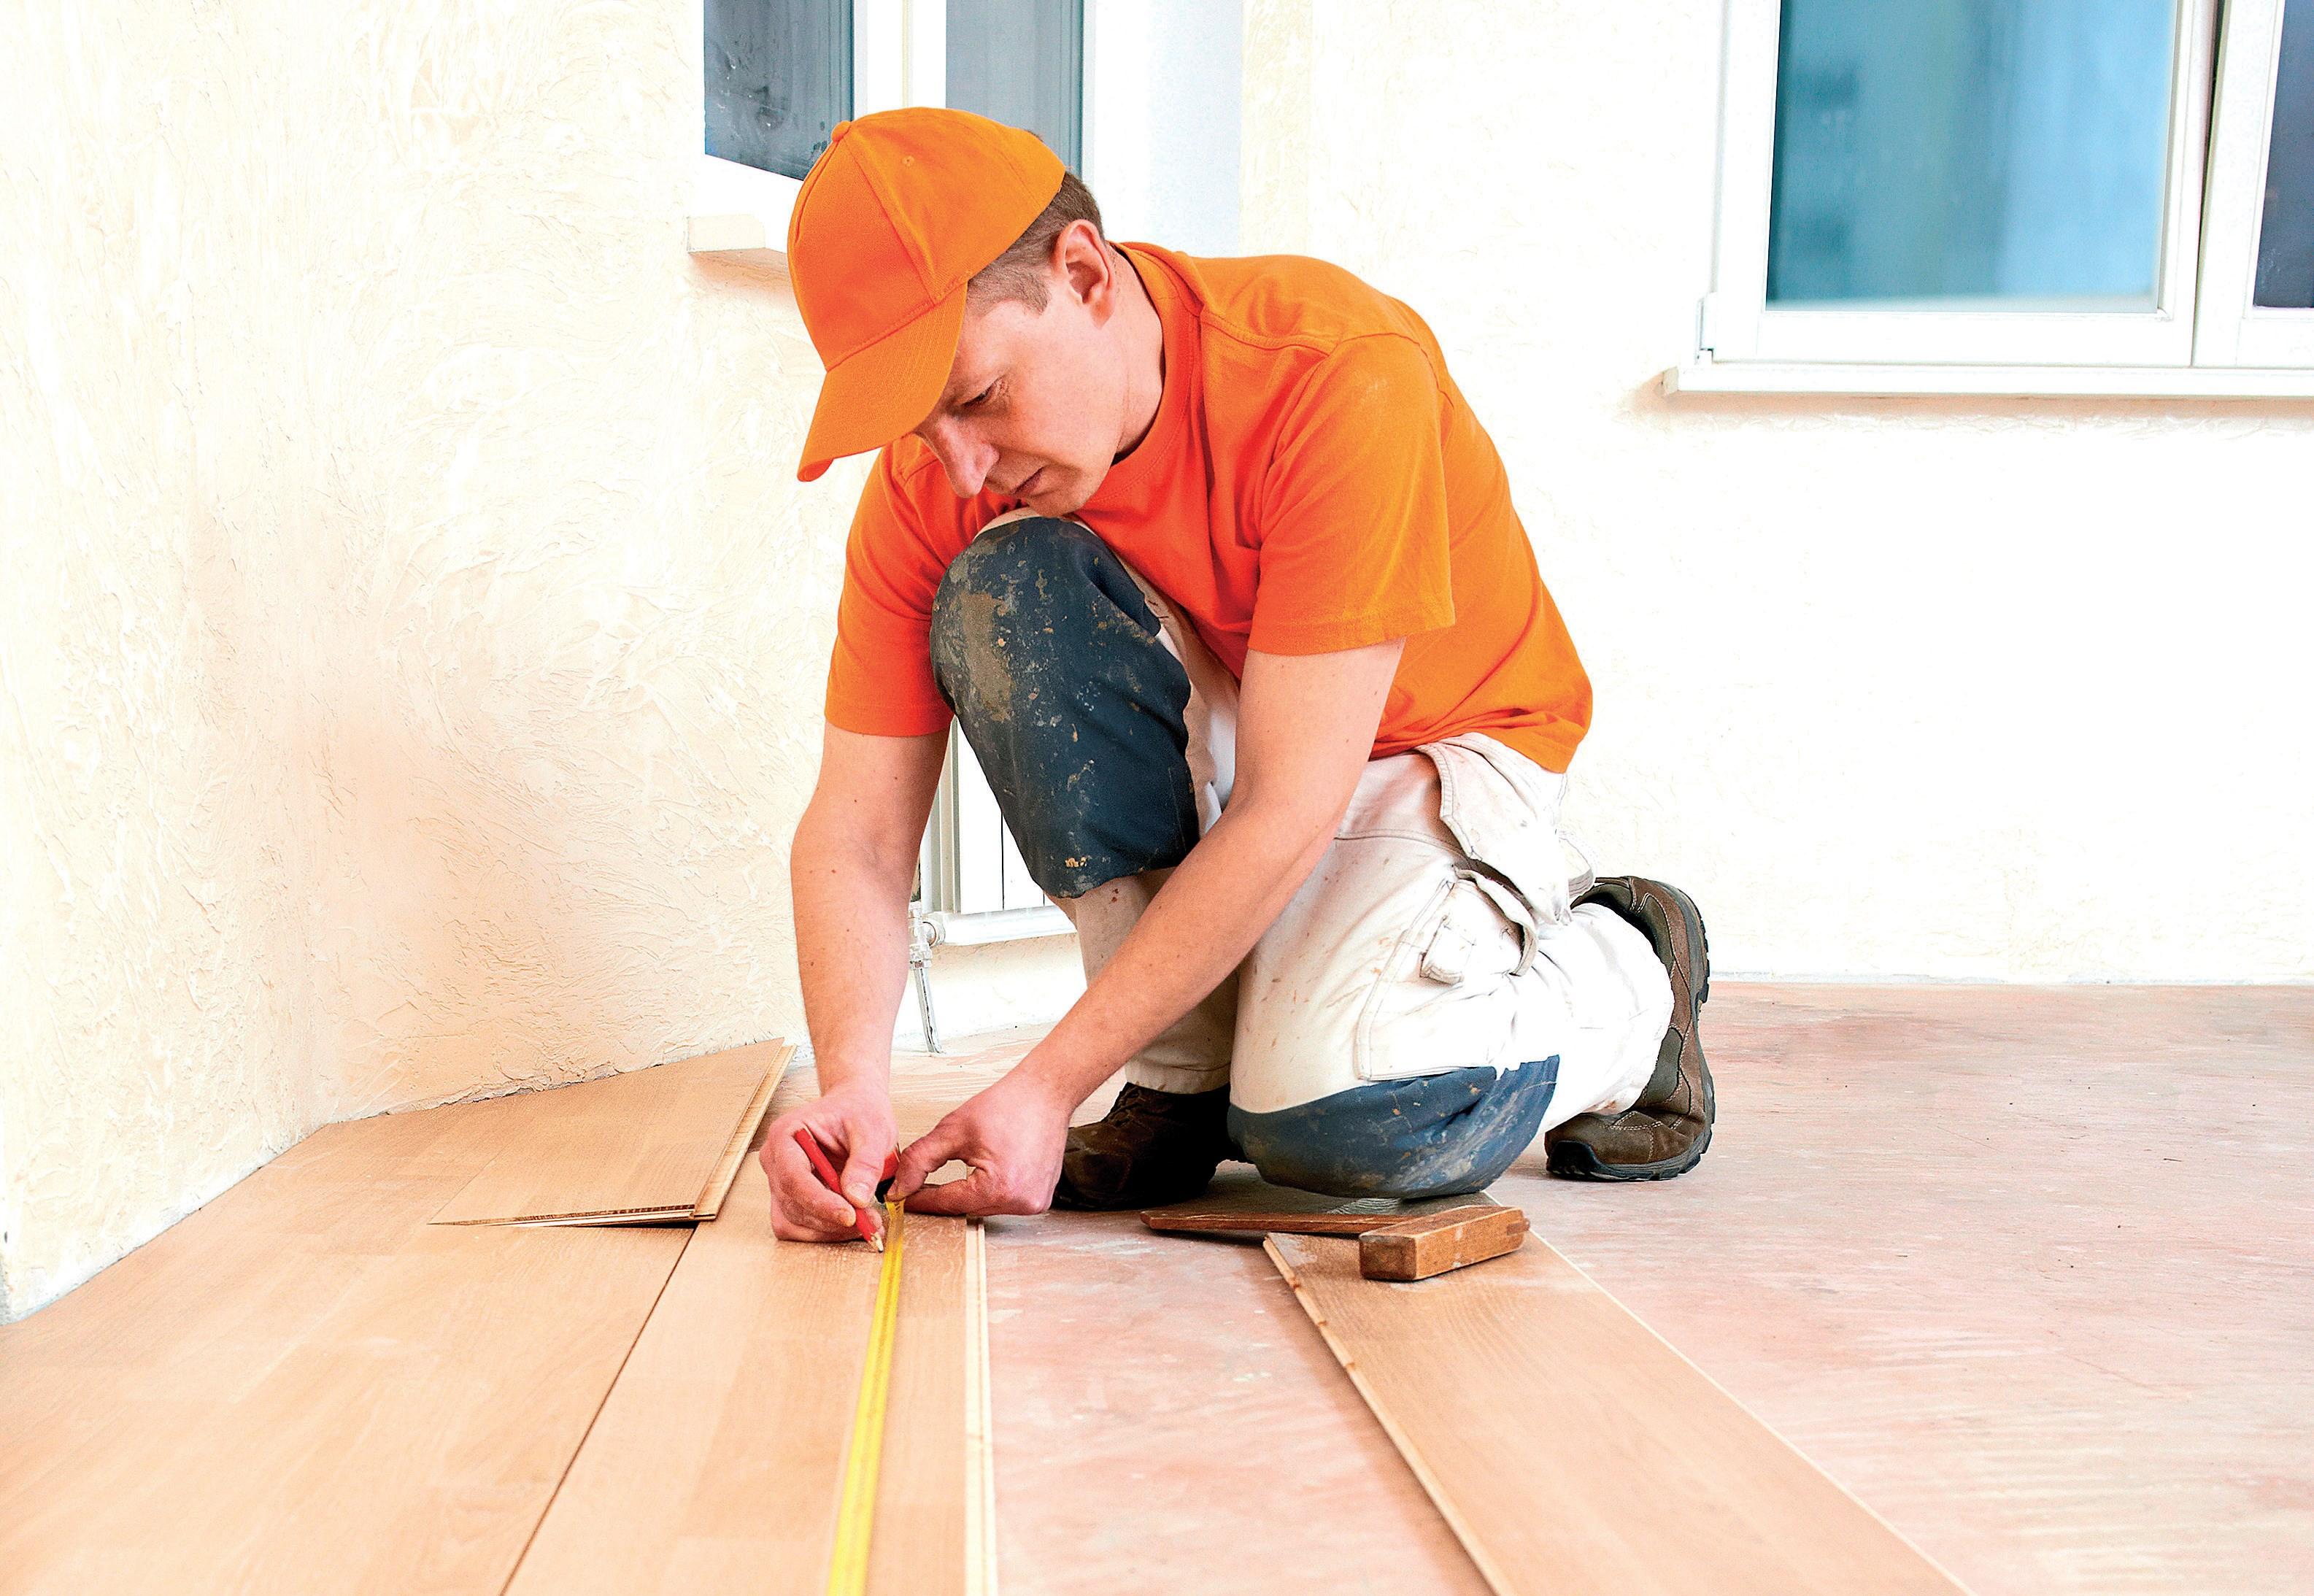 Jaki rodzaj podłogi wybrać do żłobka lub przedszkola?